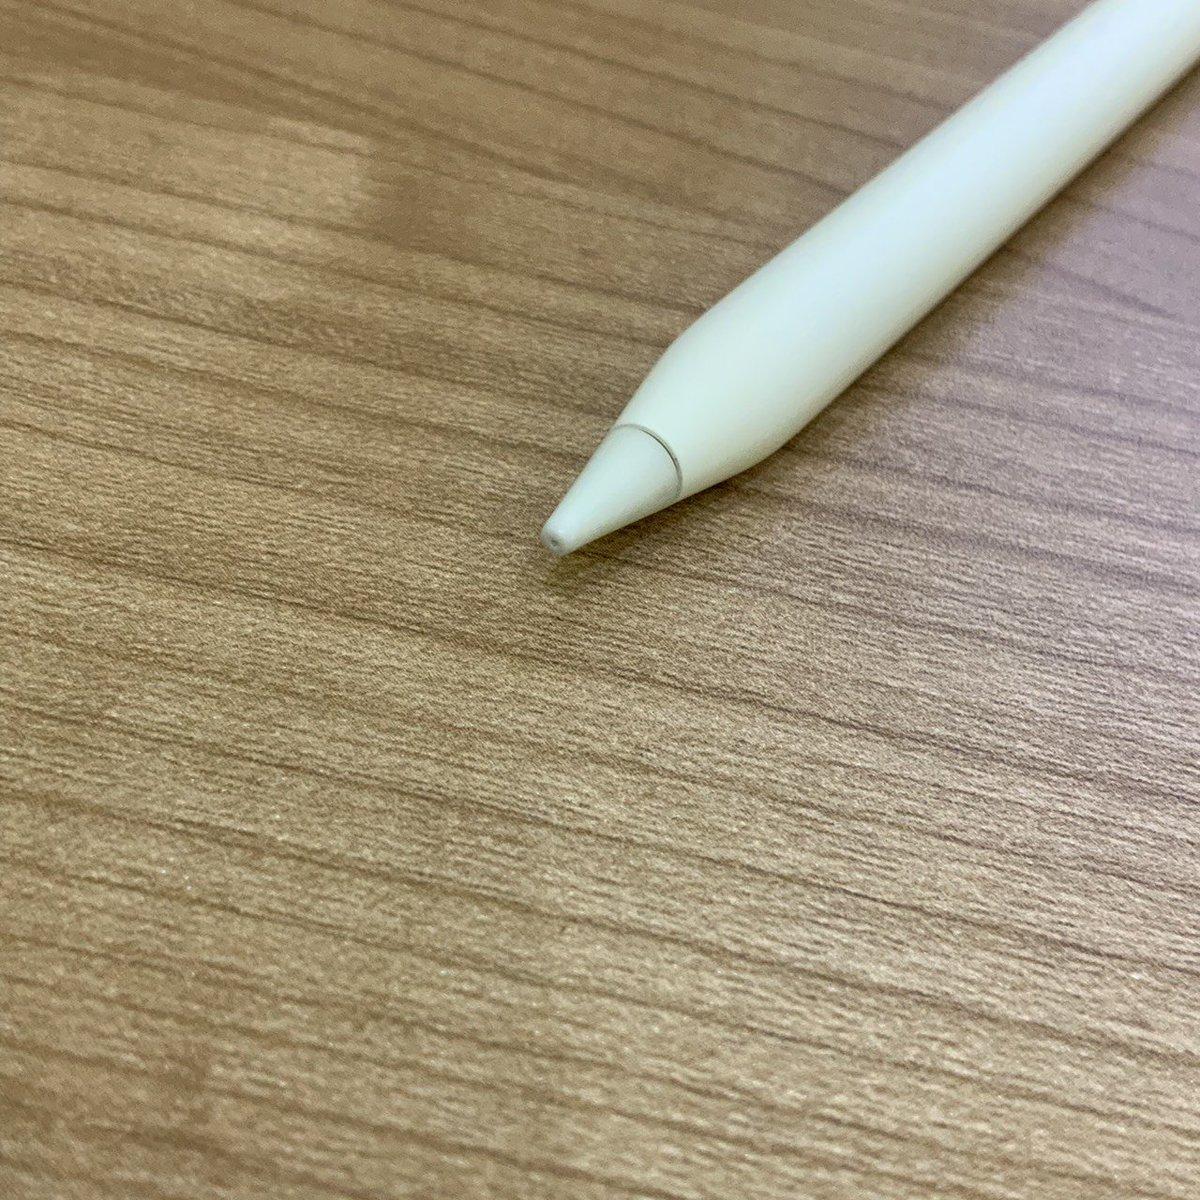 (ฝากรี) เราทำ Apple Pencil ตก เลยต้องซื้อหัวปากกาใหม่ แต่จะซื้อคนเดียว 790 มันก็เยอะเกินเลยจะหาคนหารค่ะ ใครสนใจก็เมนชั่นหรือ DM มาได้เลยนะคะ